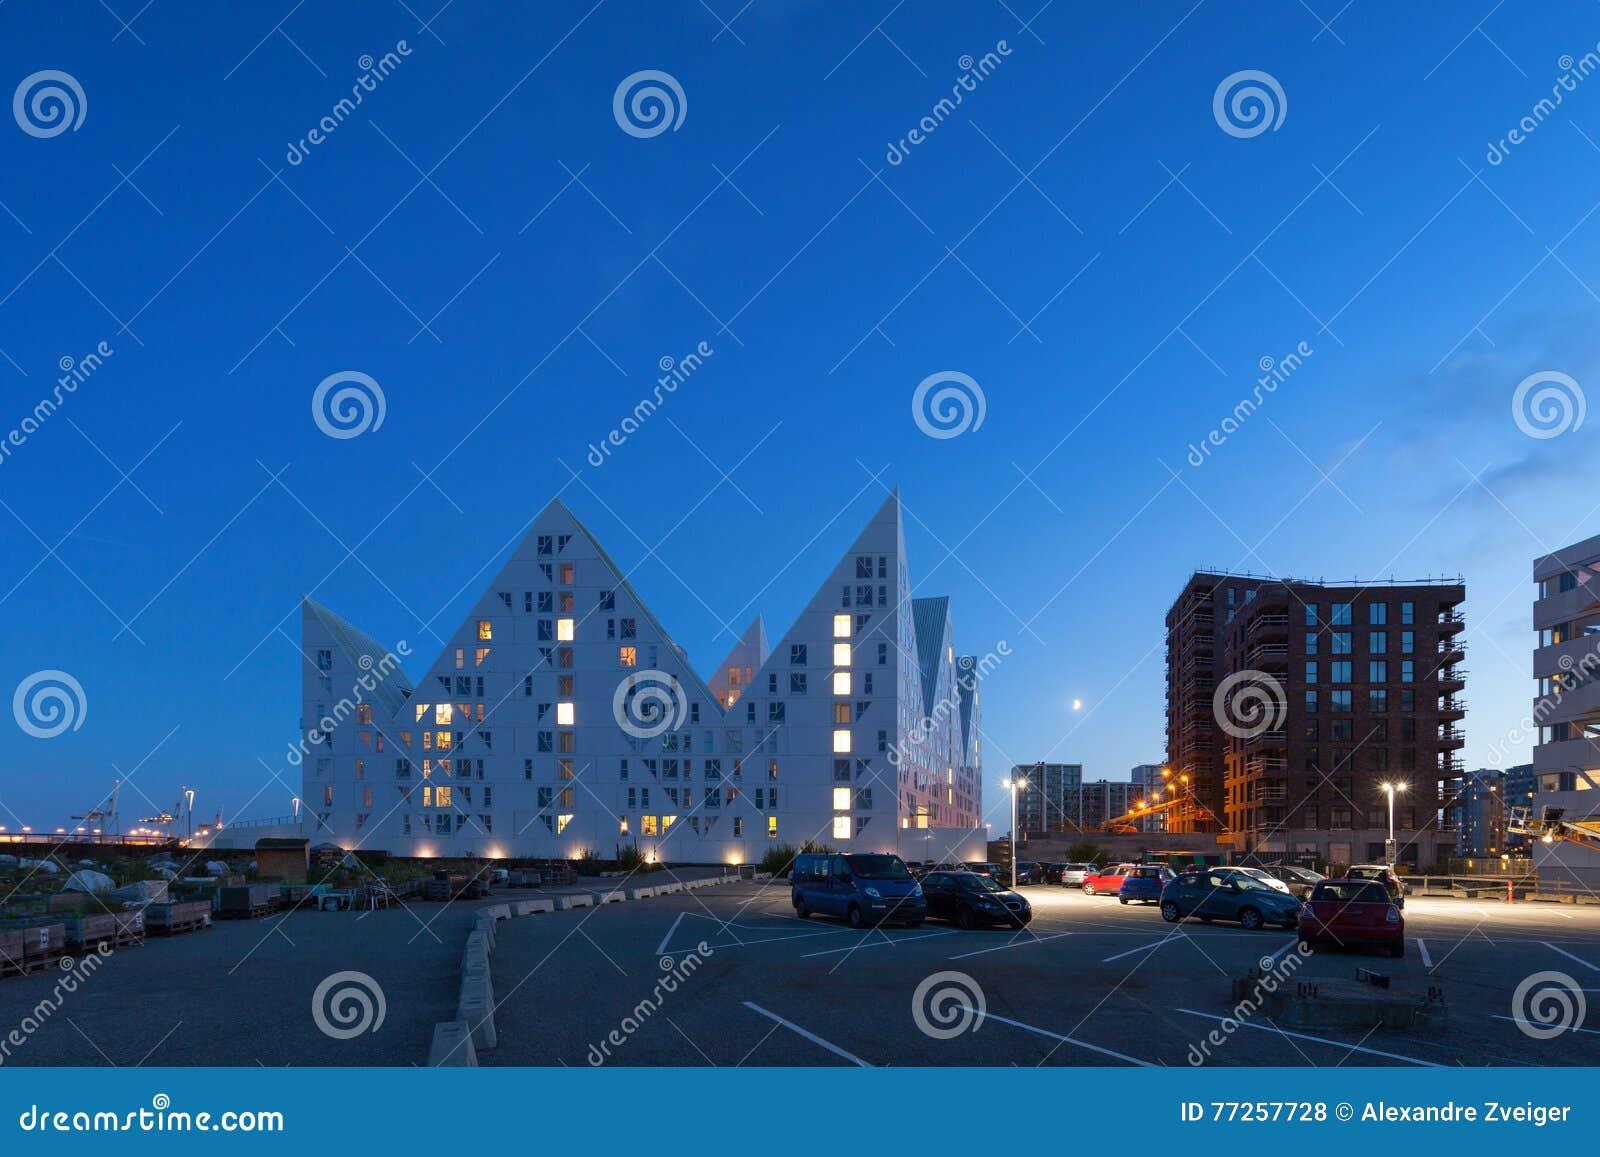 Residential neighborhood, Denmark